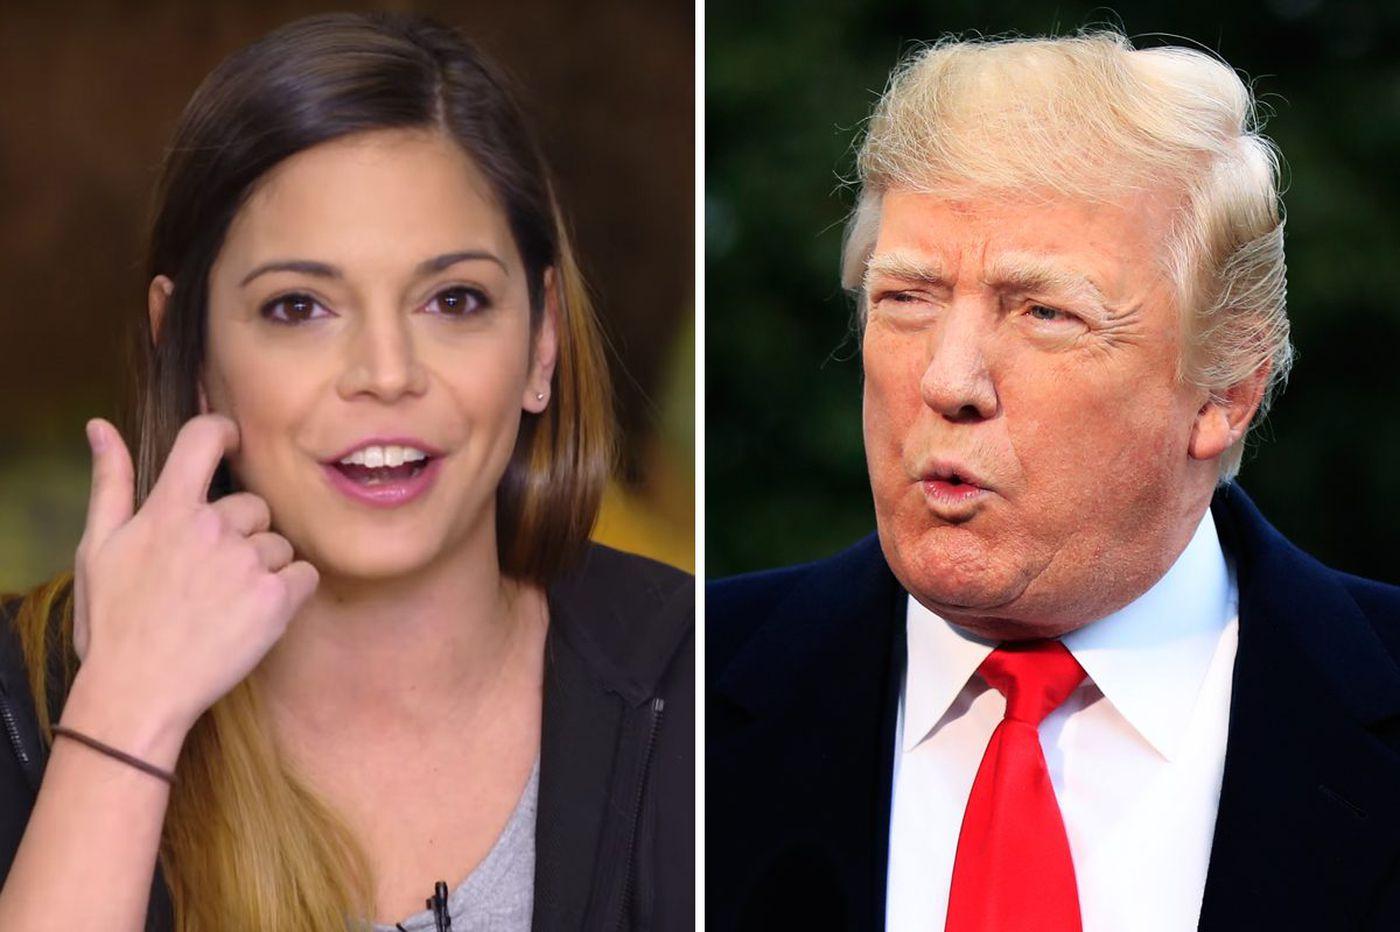 ESPN's Katie Nolan calls Trump a 'stupid person'